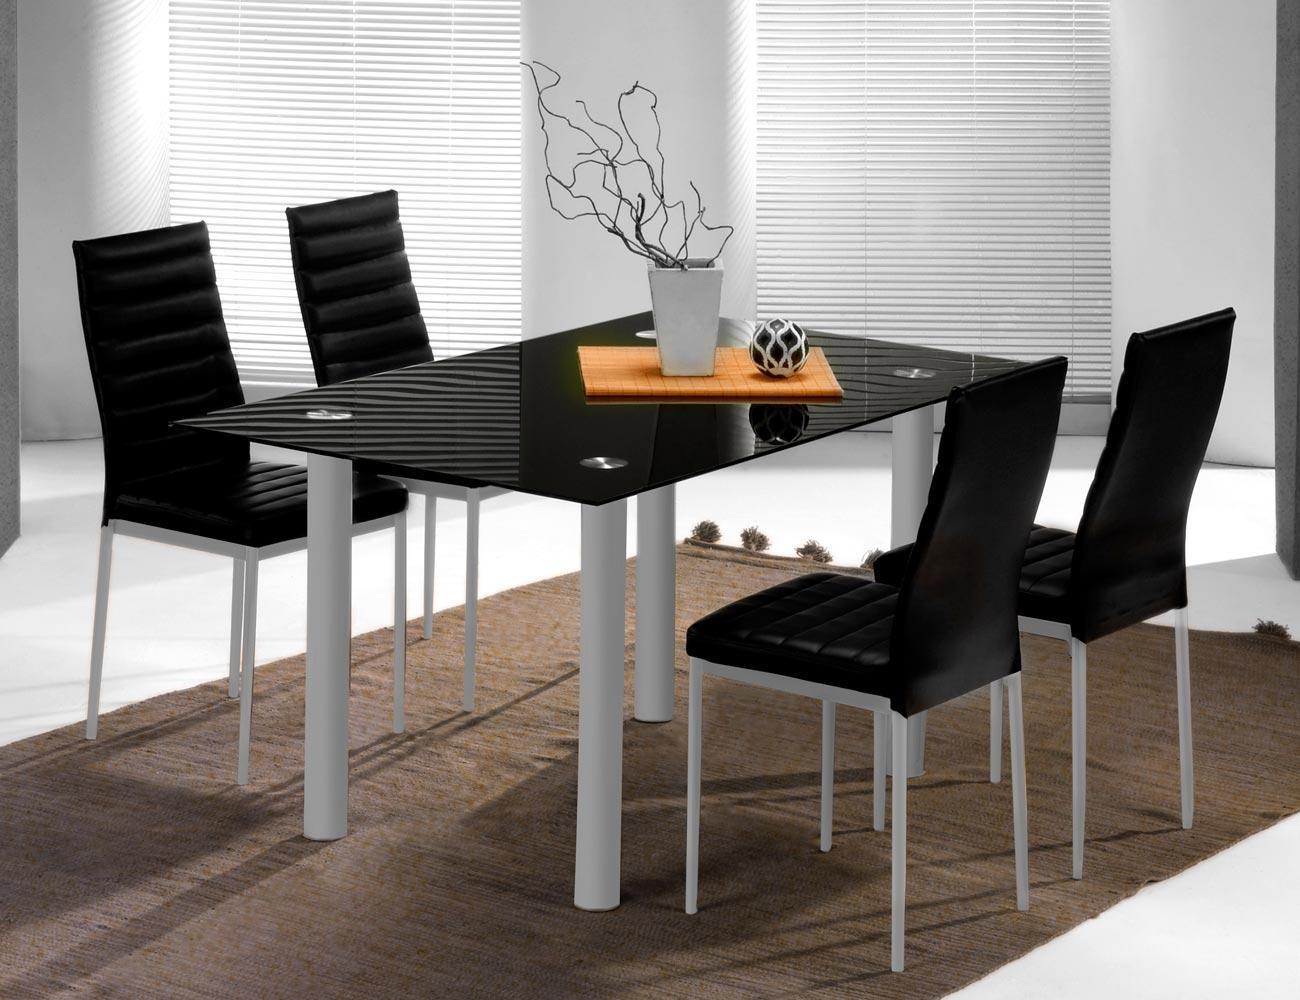 Conjunto de mesa mas cuatro sillas en polipiel color negro - Mesa comedor cristal ...